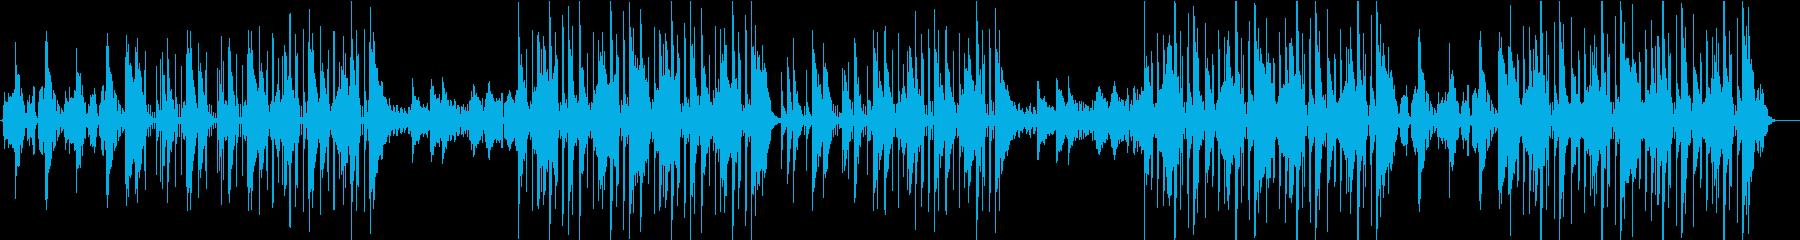 シネマティックHipHop,R&Bの再生済みの波形